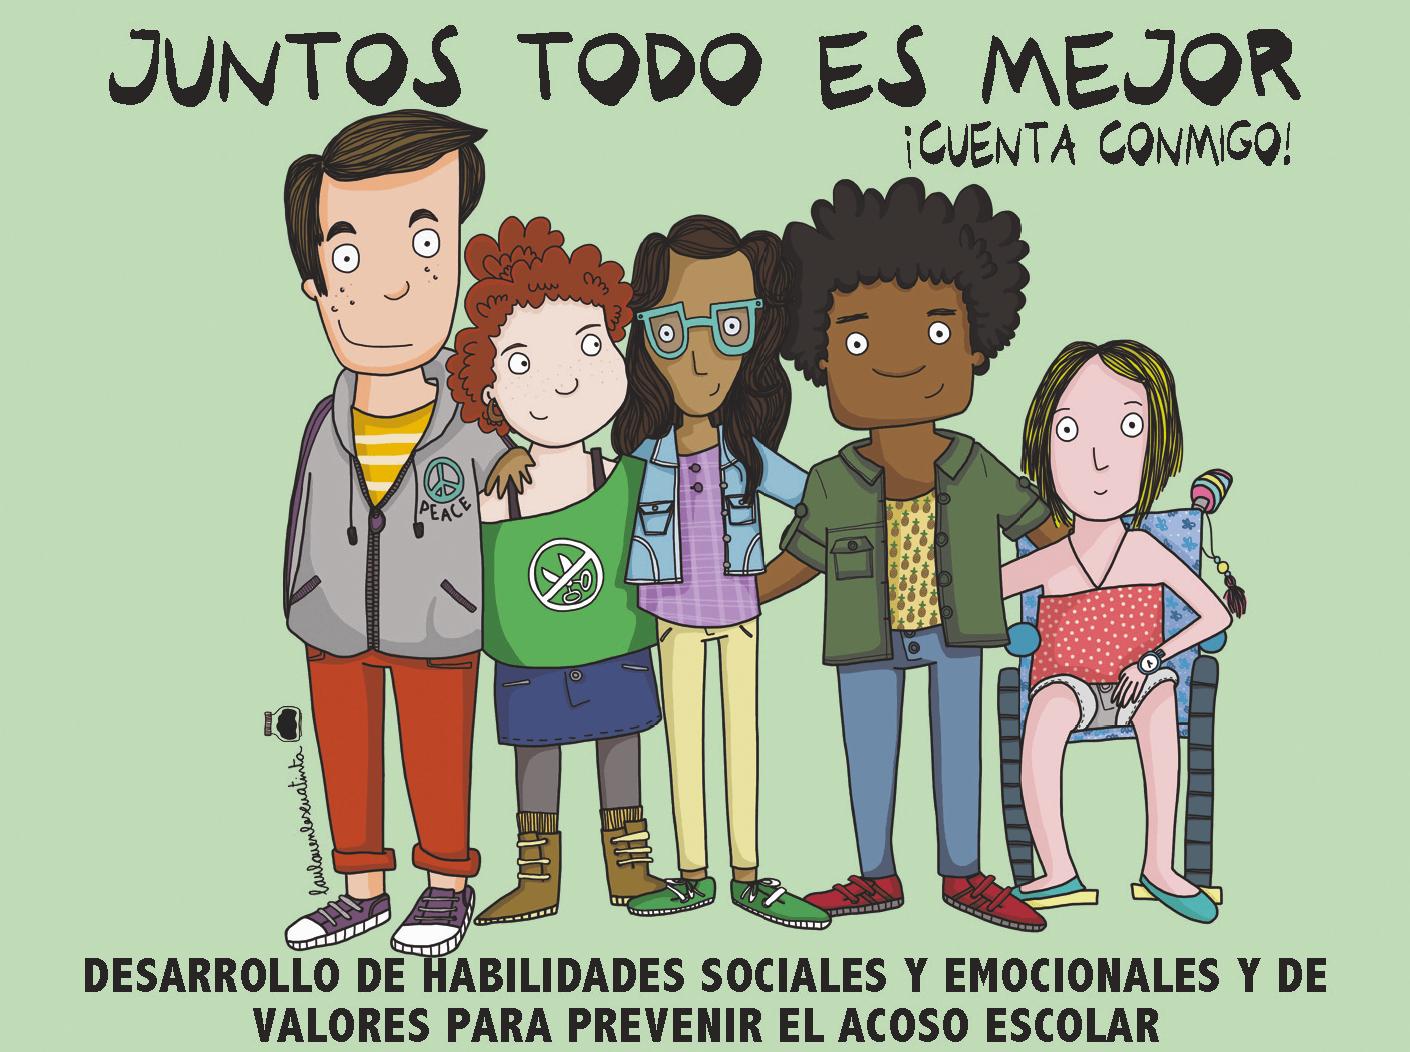 Campaña Juntos todo es mejor, CEAPA, Gobierno de España, 2016.